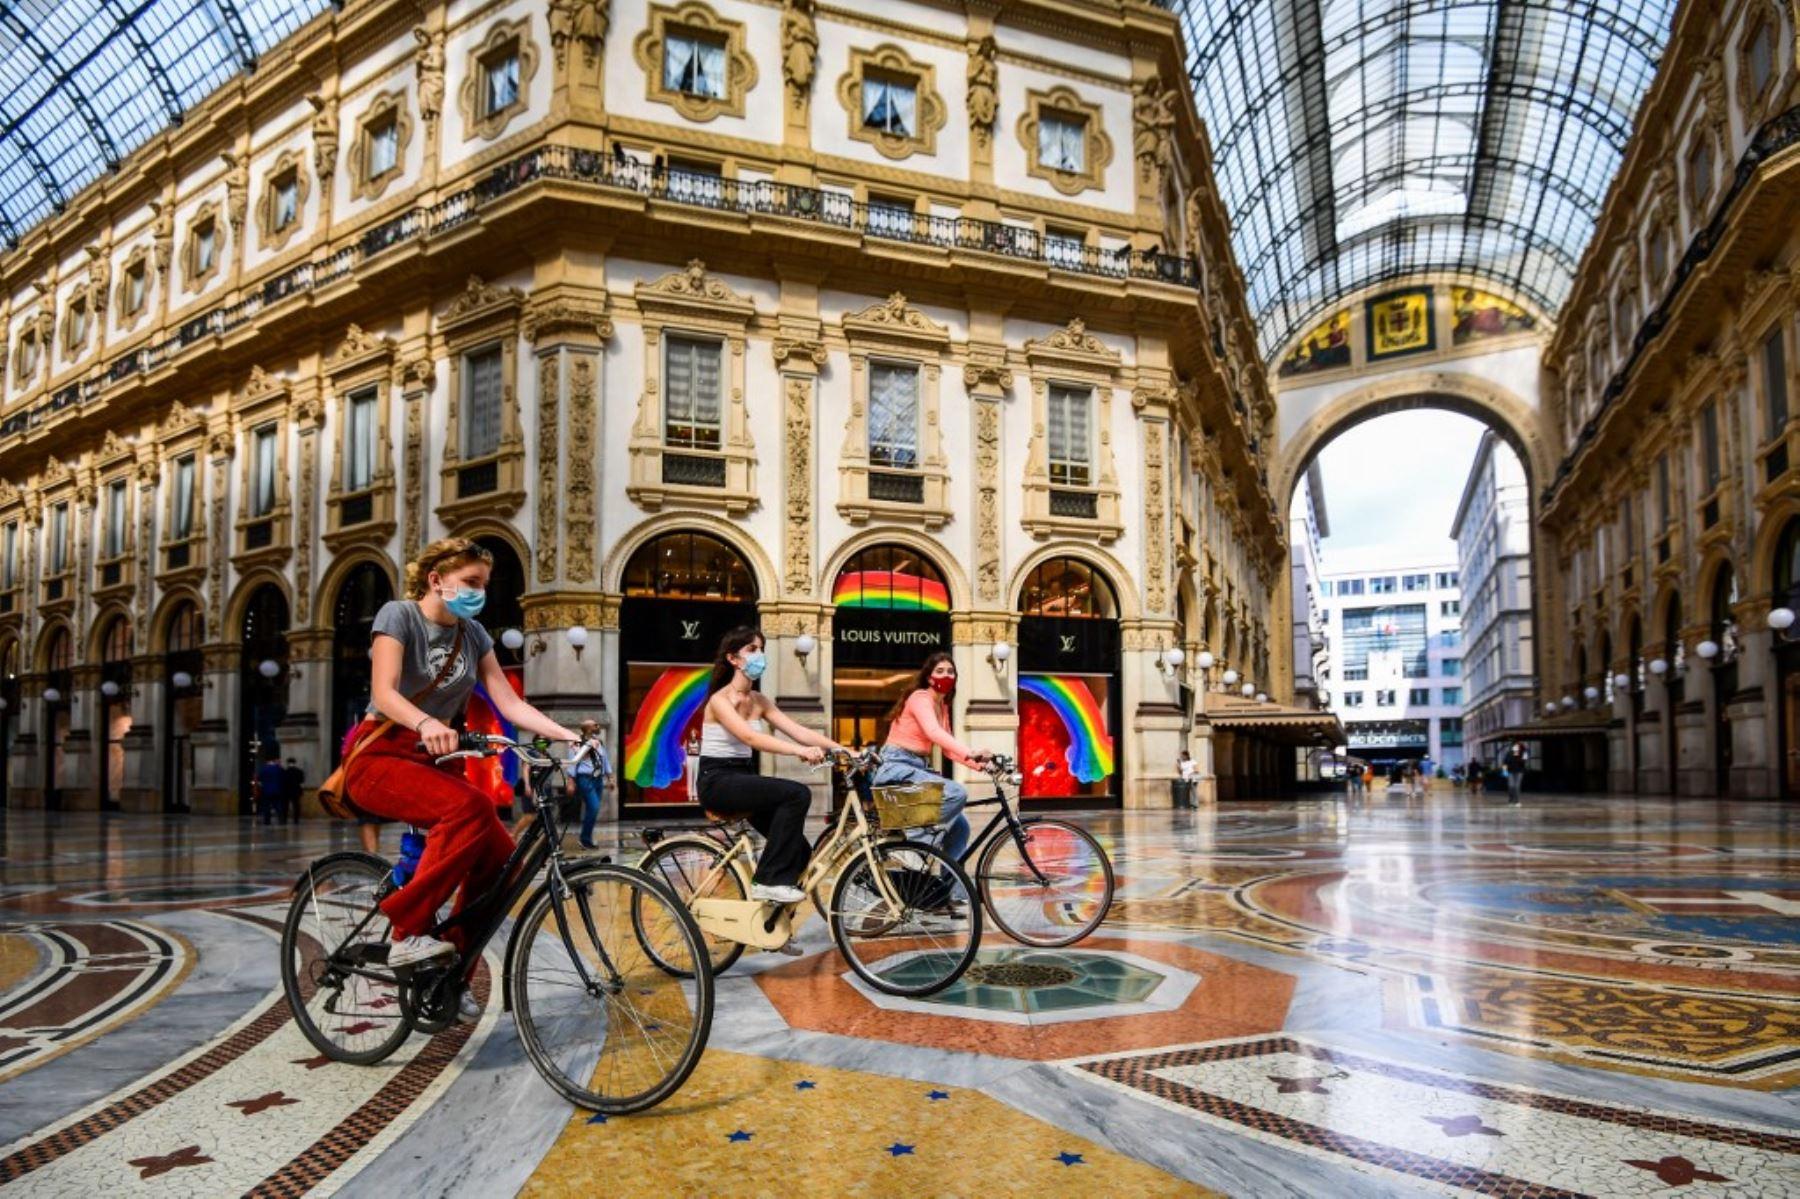 Un grupo de mujeres viajan en bicicleta por el centro comercial Galería Vittorio Emanuele II, en el centro de Milán, Italia. Foto: AFP